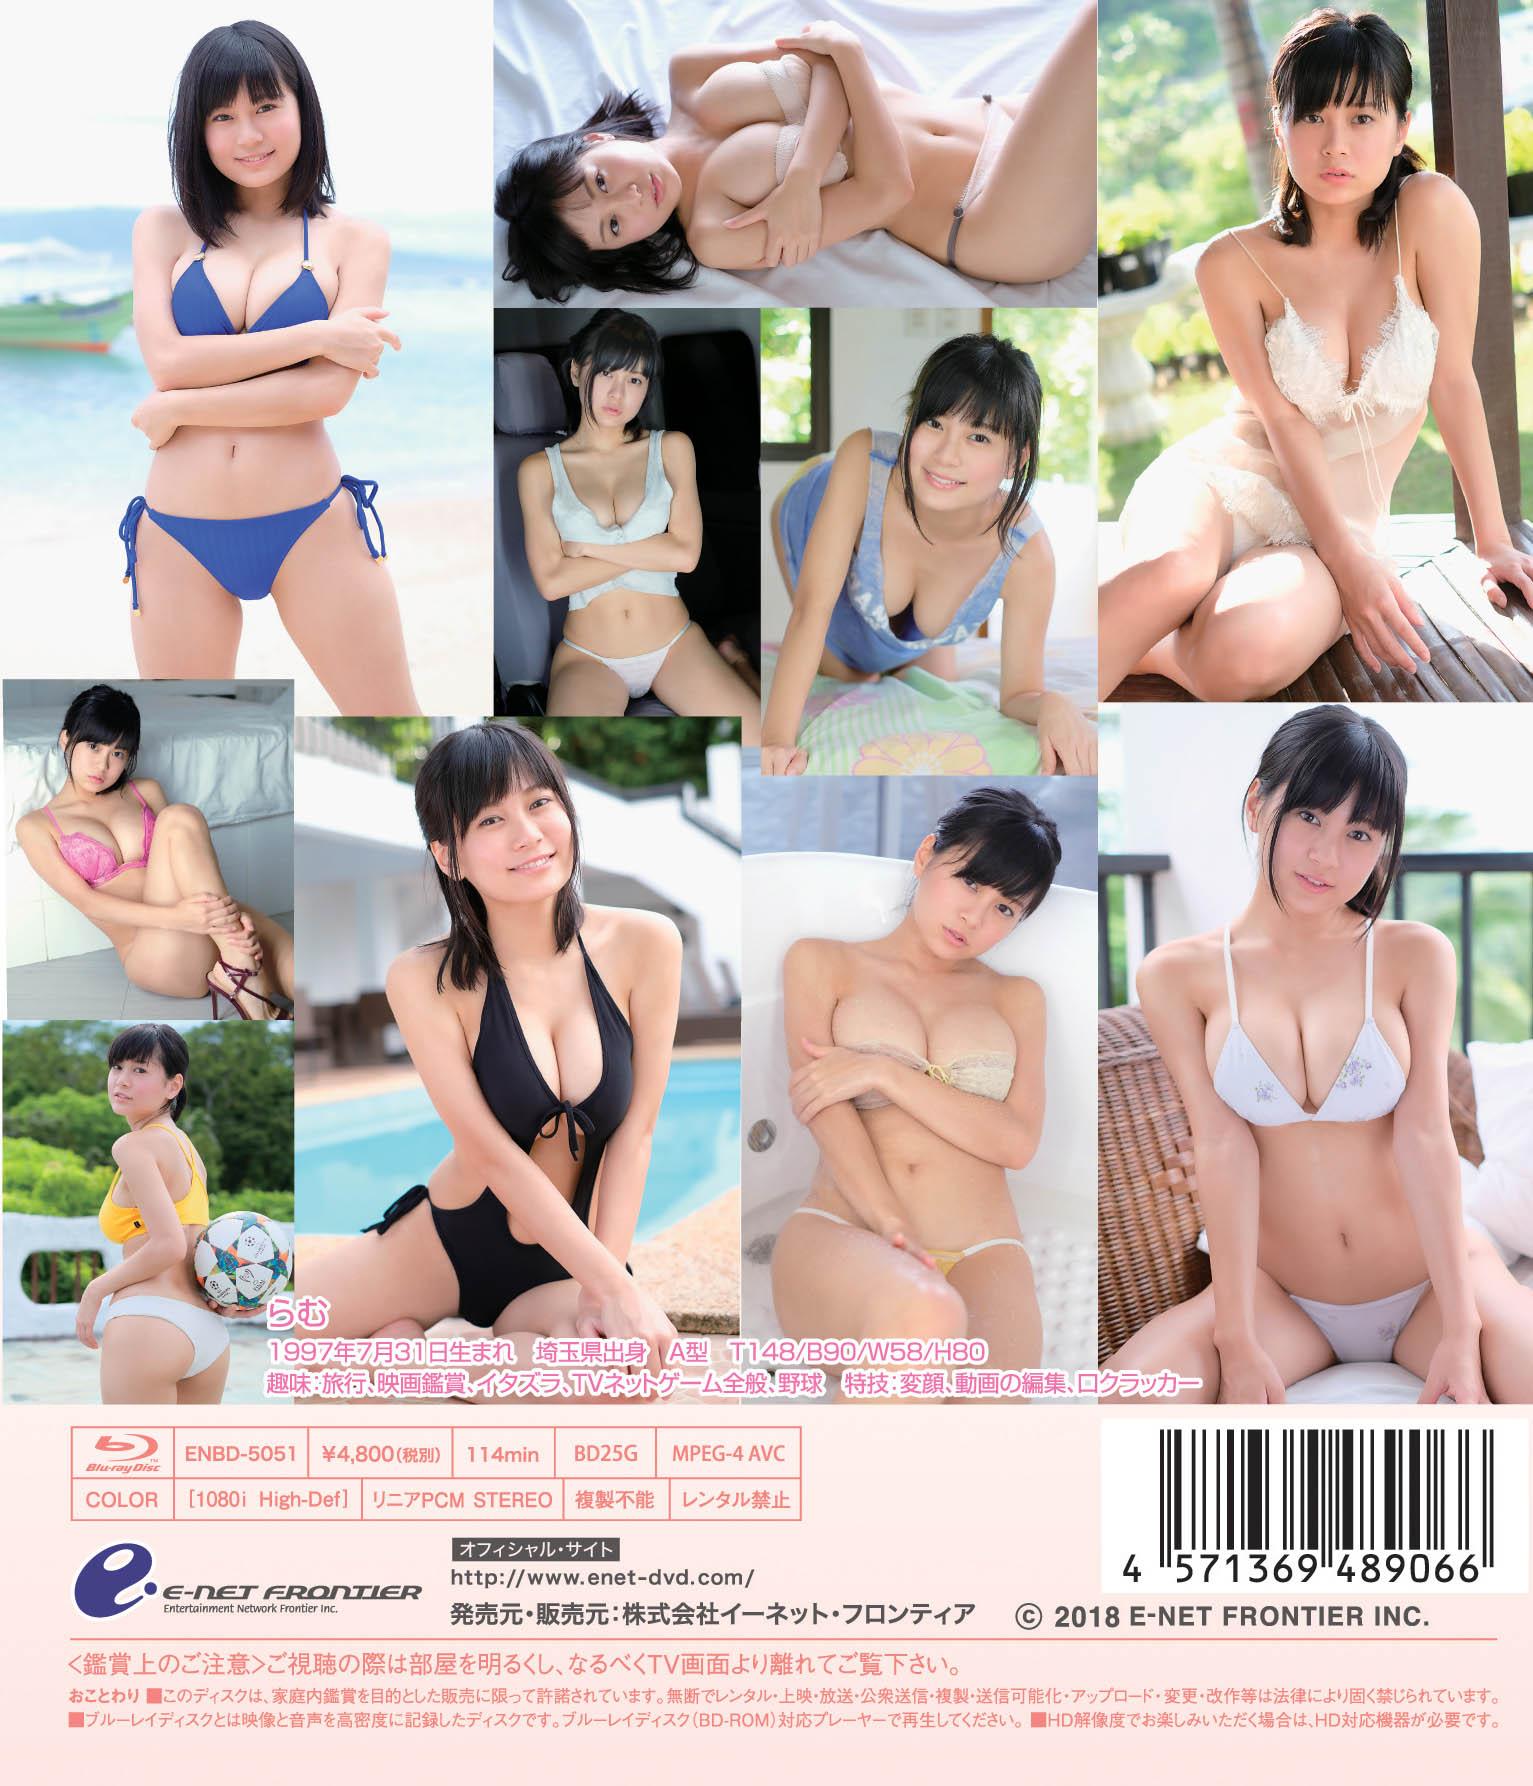 お前らの大好きな巨乳おっぱい画像貼ってくれwwwwwwwwwwww ENBD5051RaMu